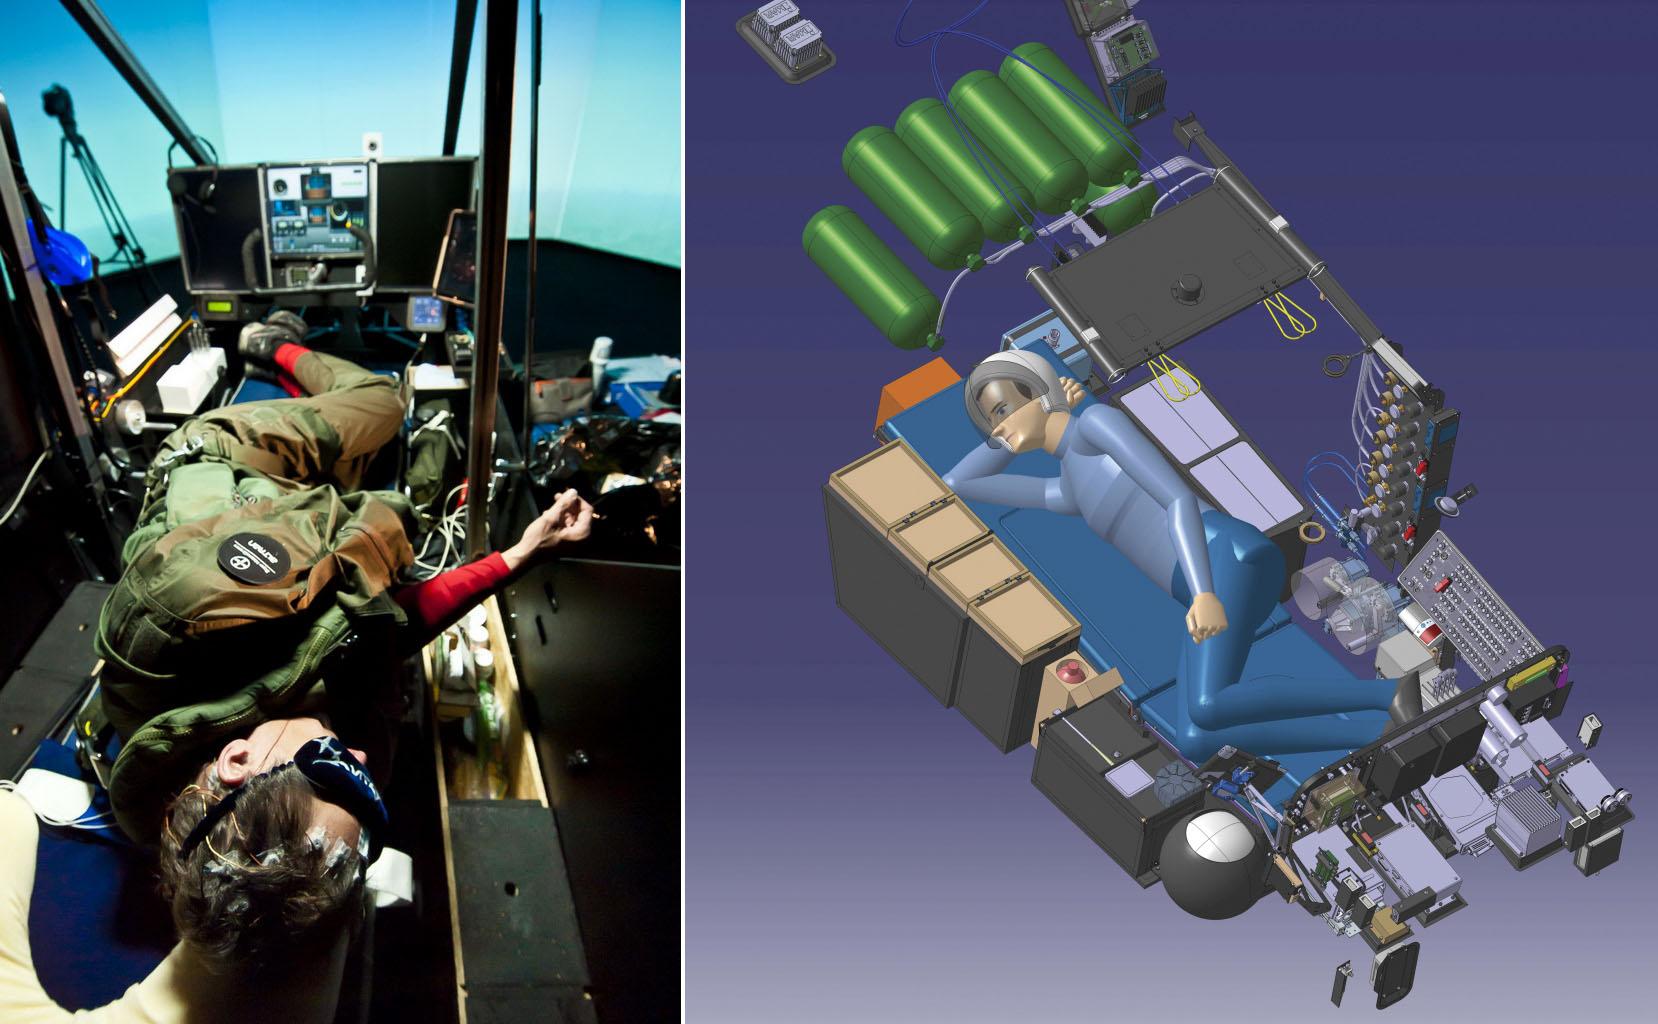 Solar impulse virtual flight – First briefing